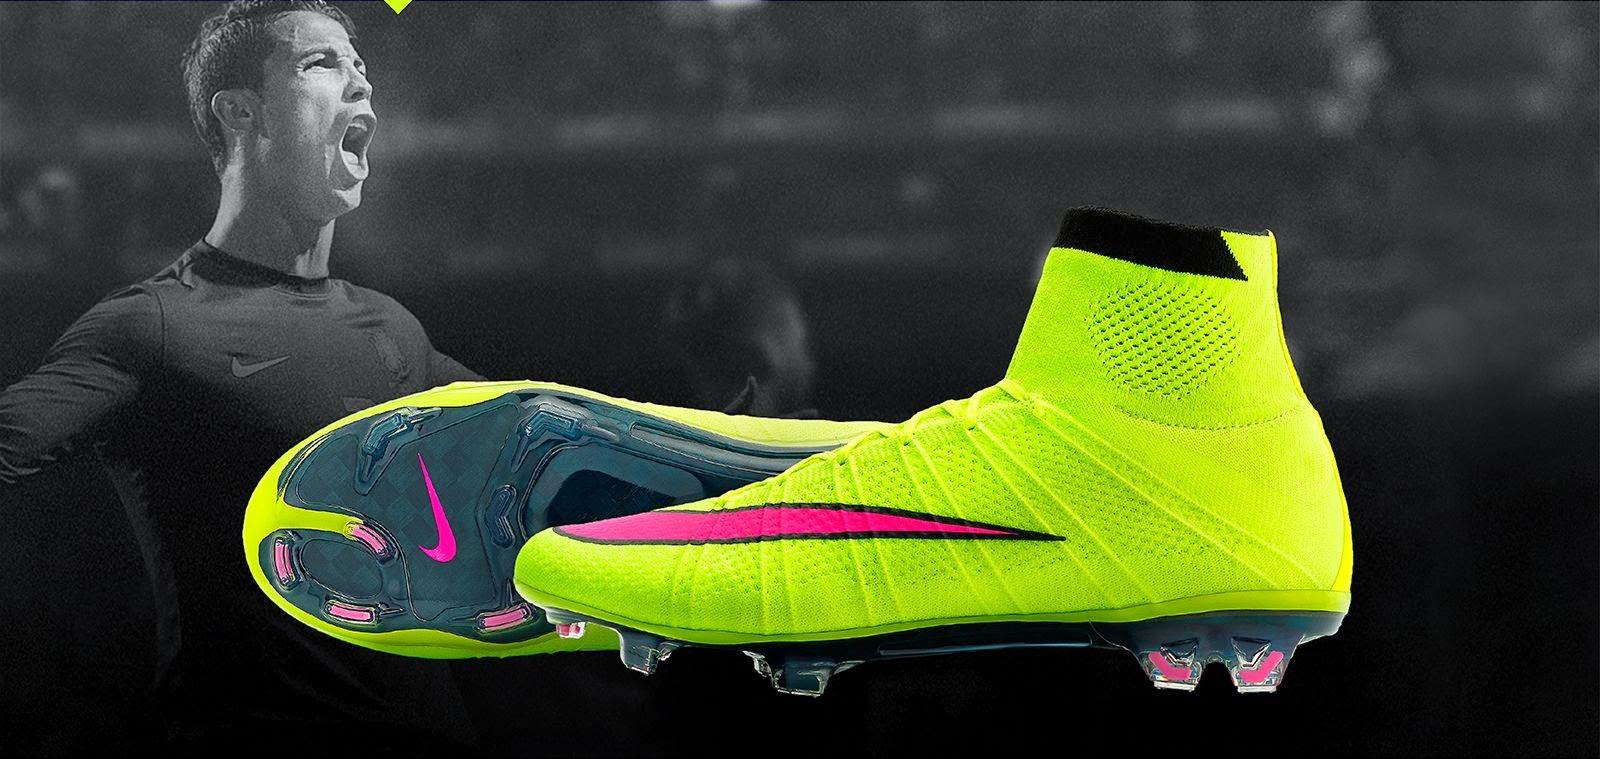 newest collection f5fbe cb2ef ... para los próximos meses de 2015, las Nike Mercurial Supefly Highlight  Pack, con un amarillo muy llamativo para destacar lo máximo posible en el  campo en ...